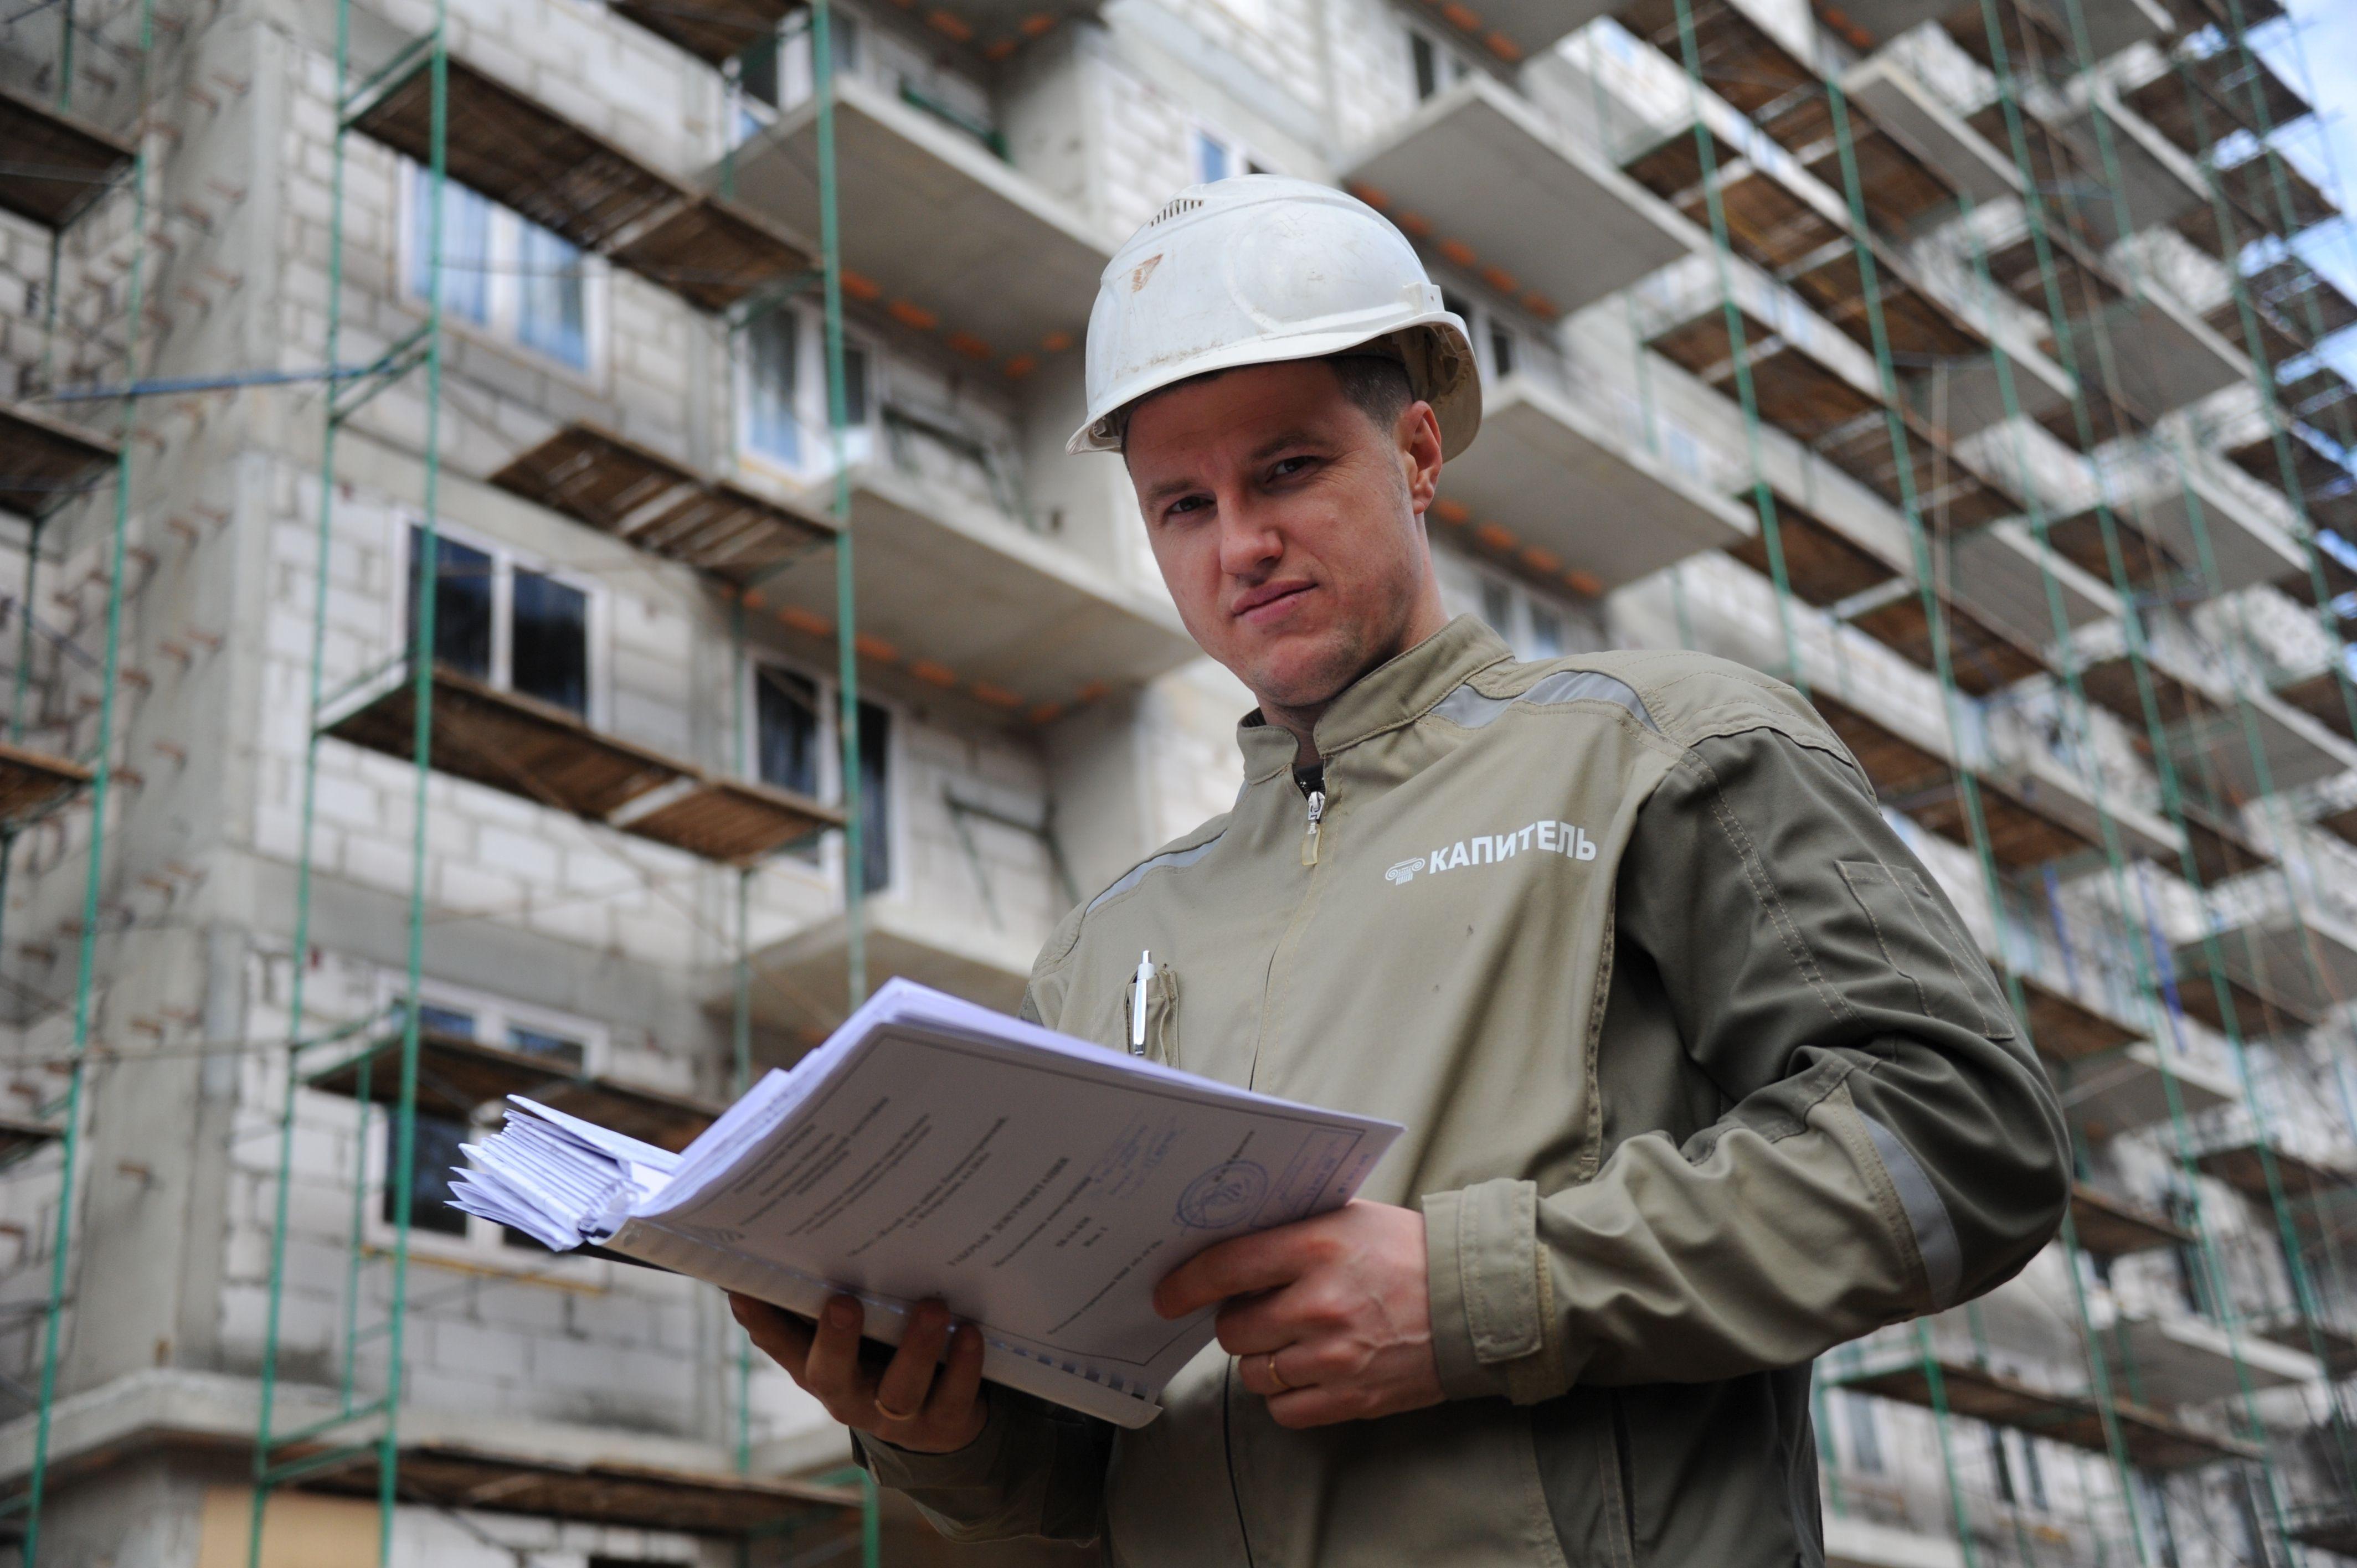 Кварталы реновации станут примером социально ориентированной среды